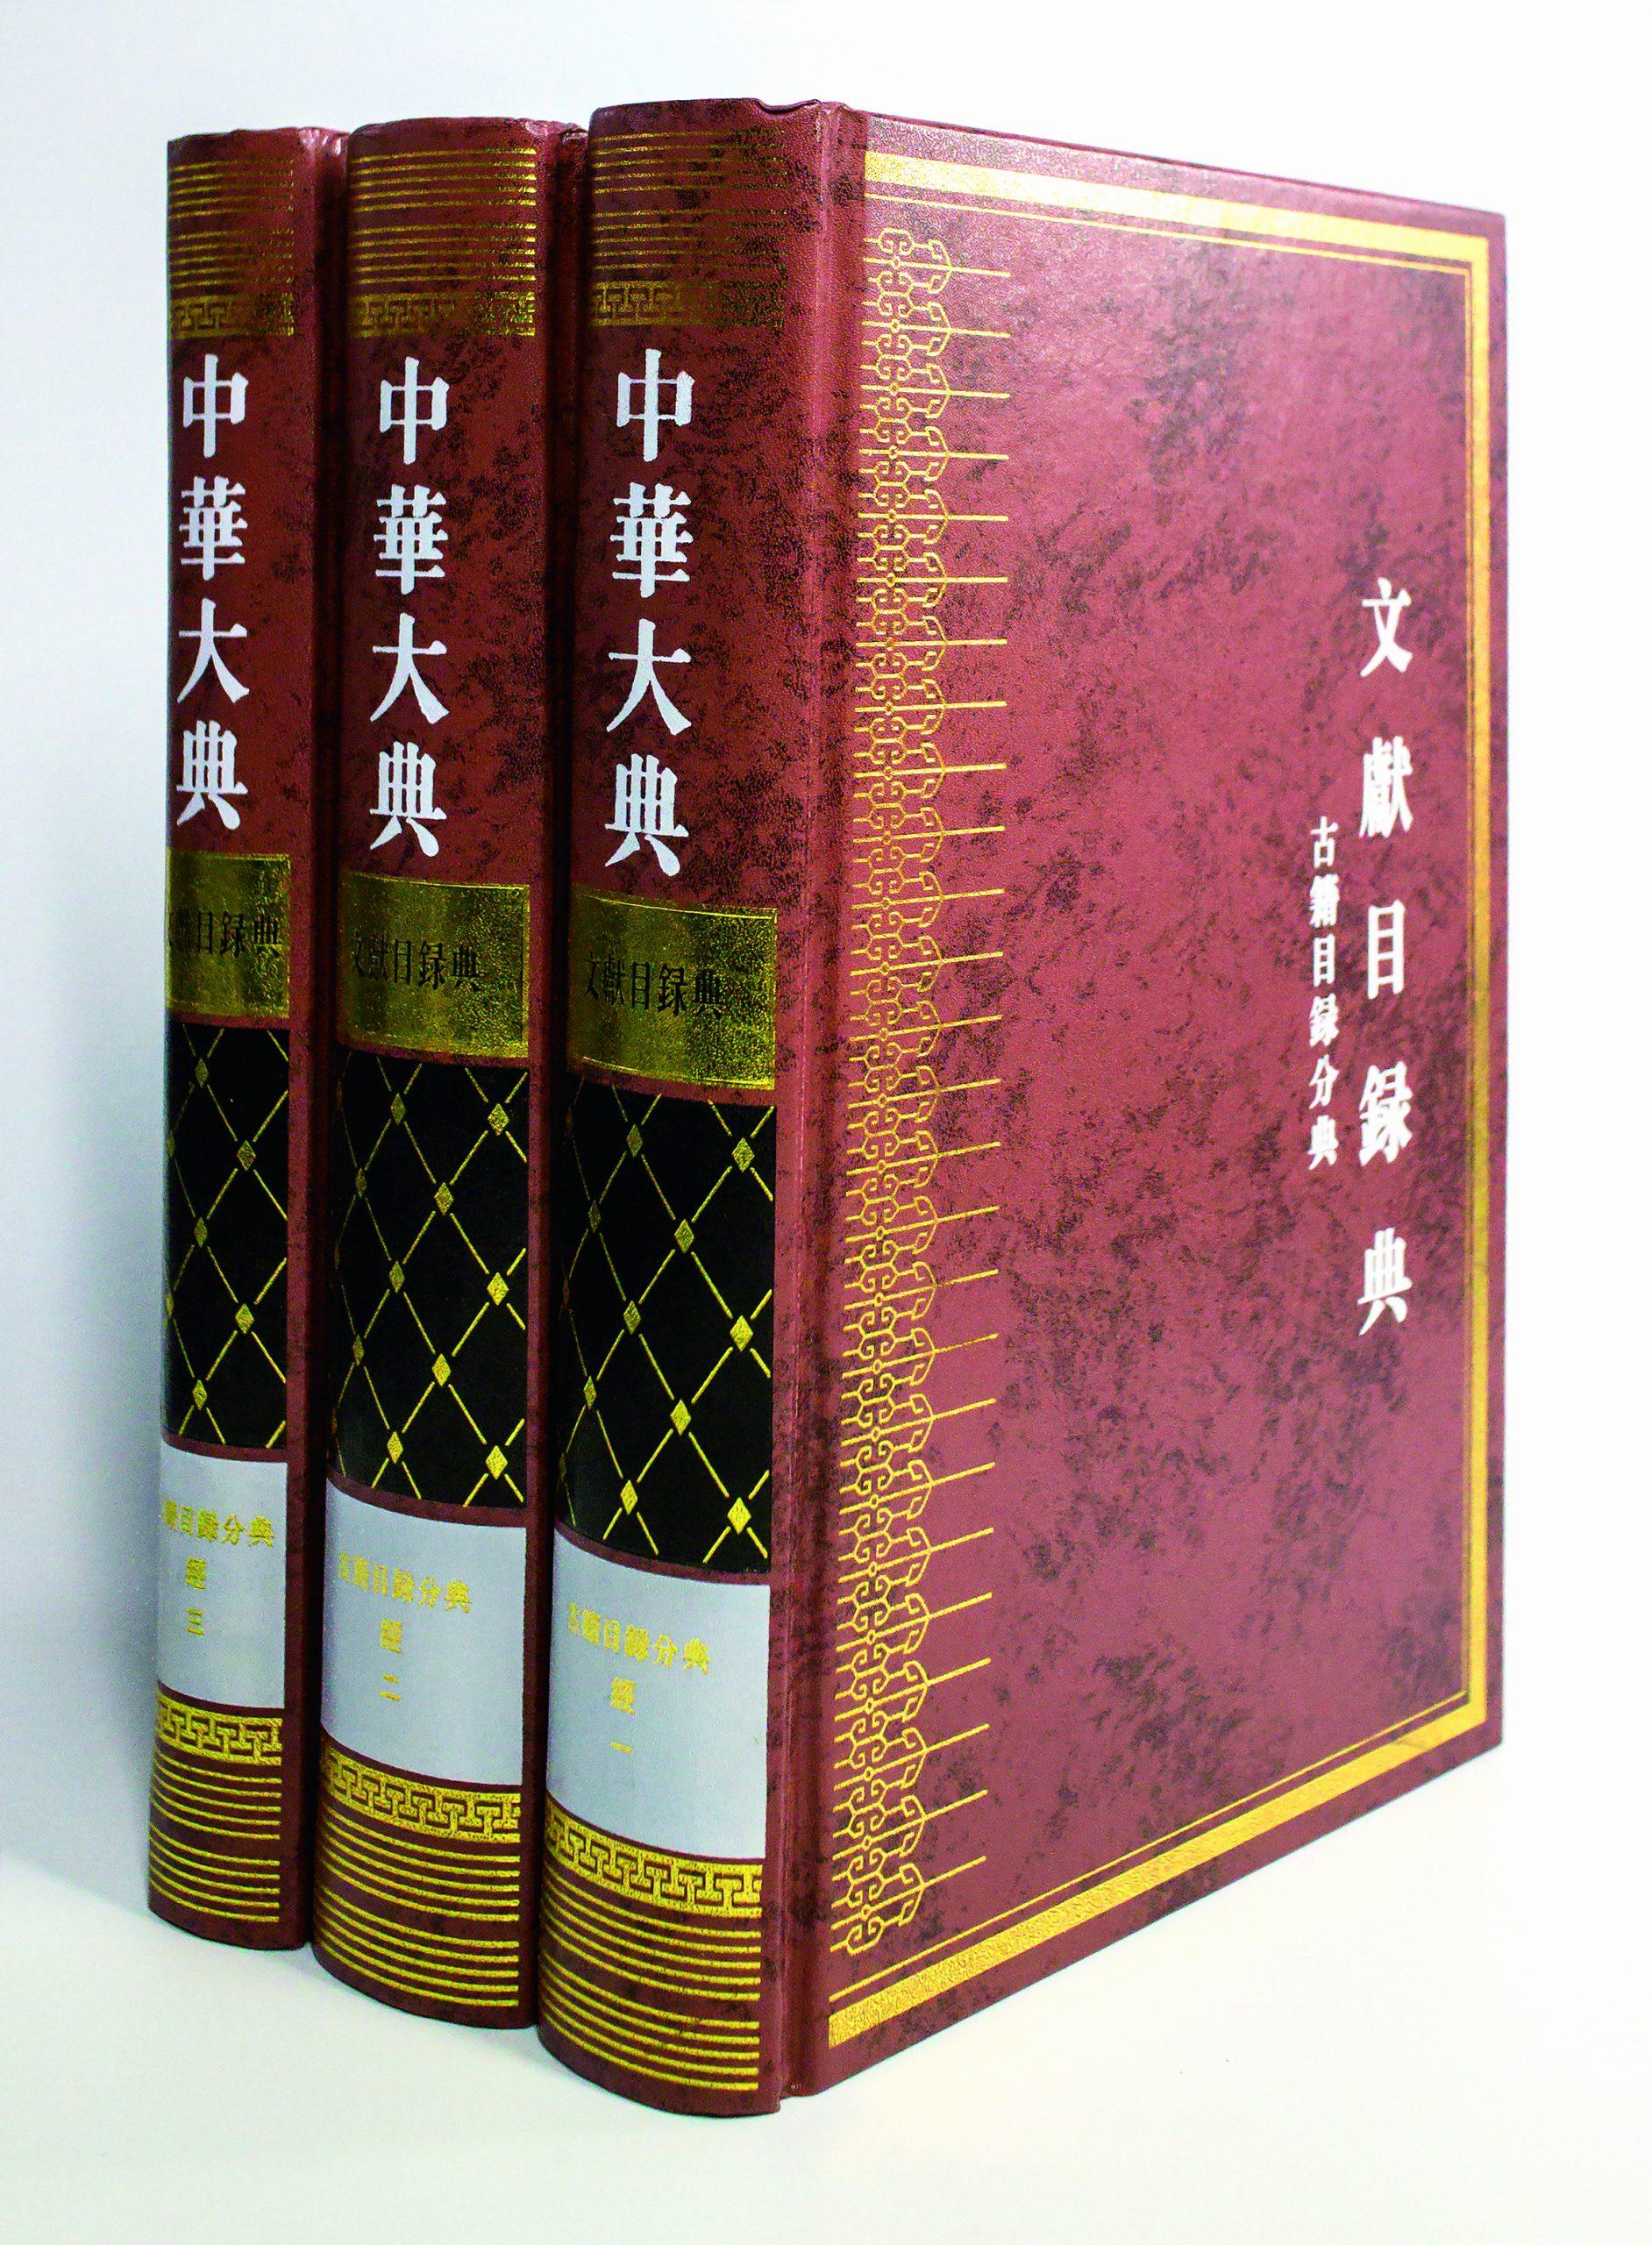 嘉惠学林,推进文献目录学研究-出版人杂志官网